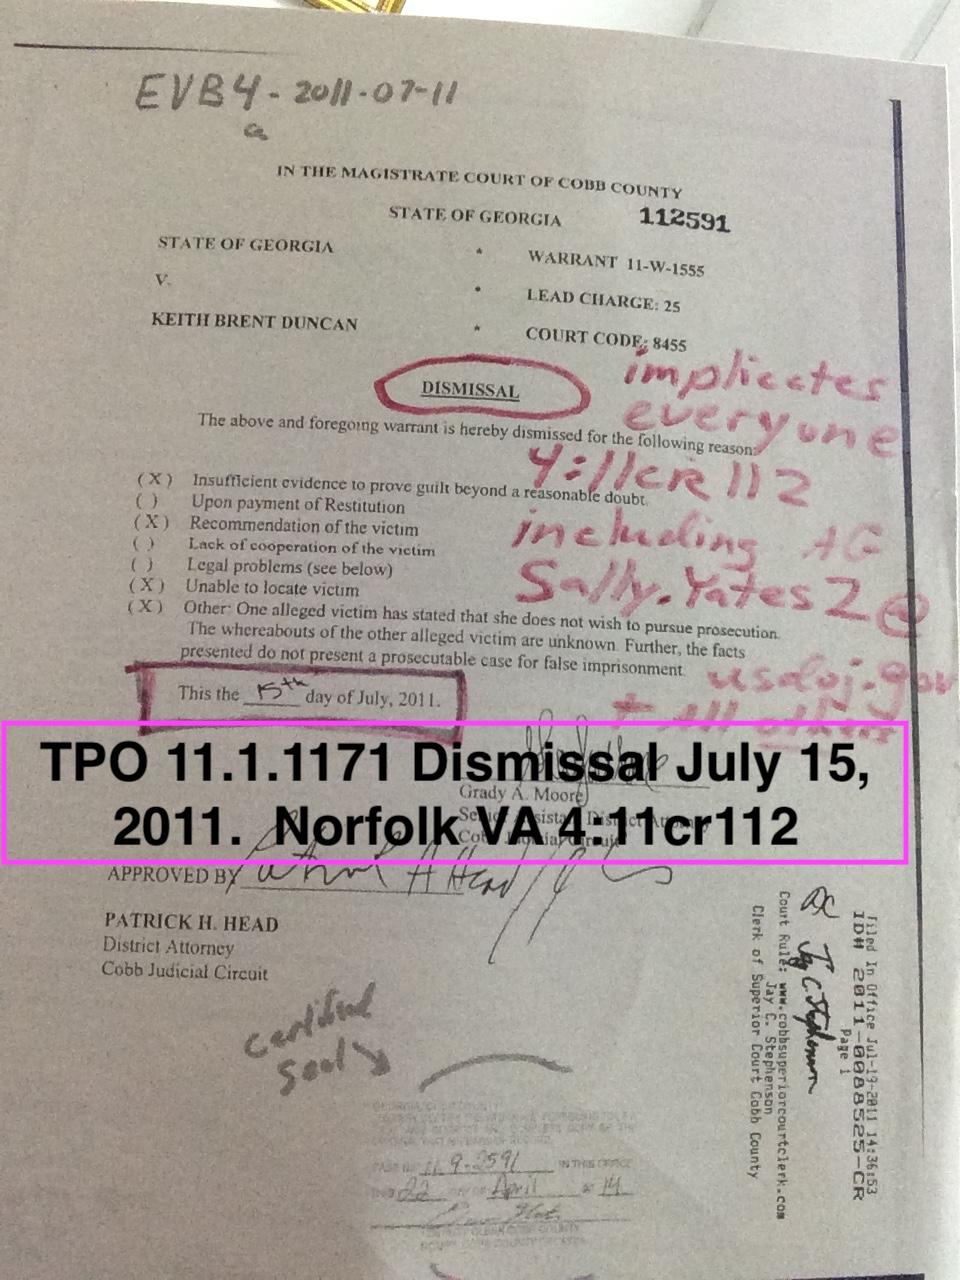 EVB4-Conspiracy-DISMISSAL-TPO-11-1.1171.